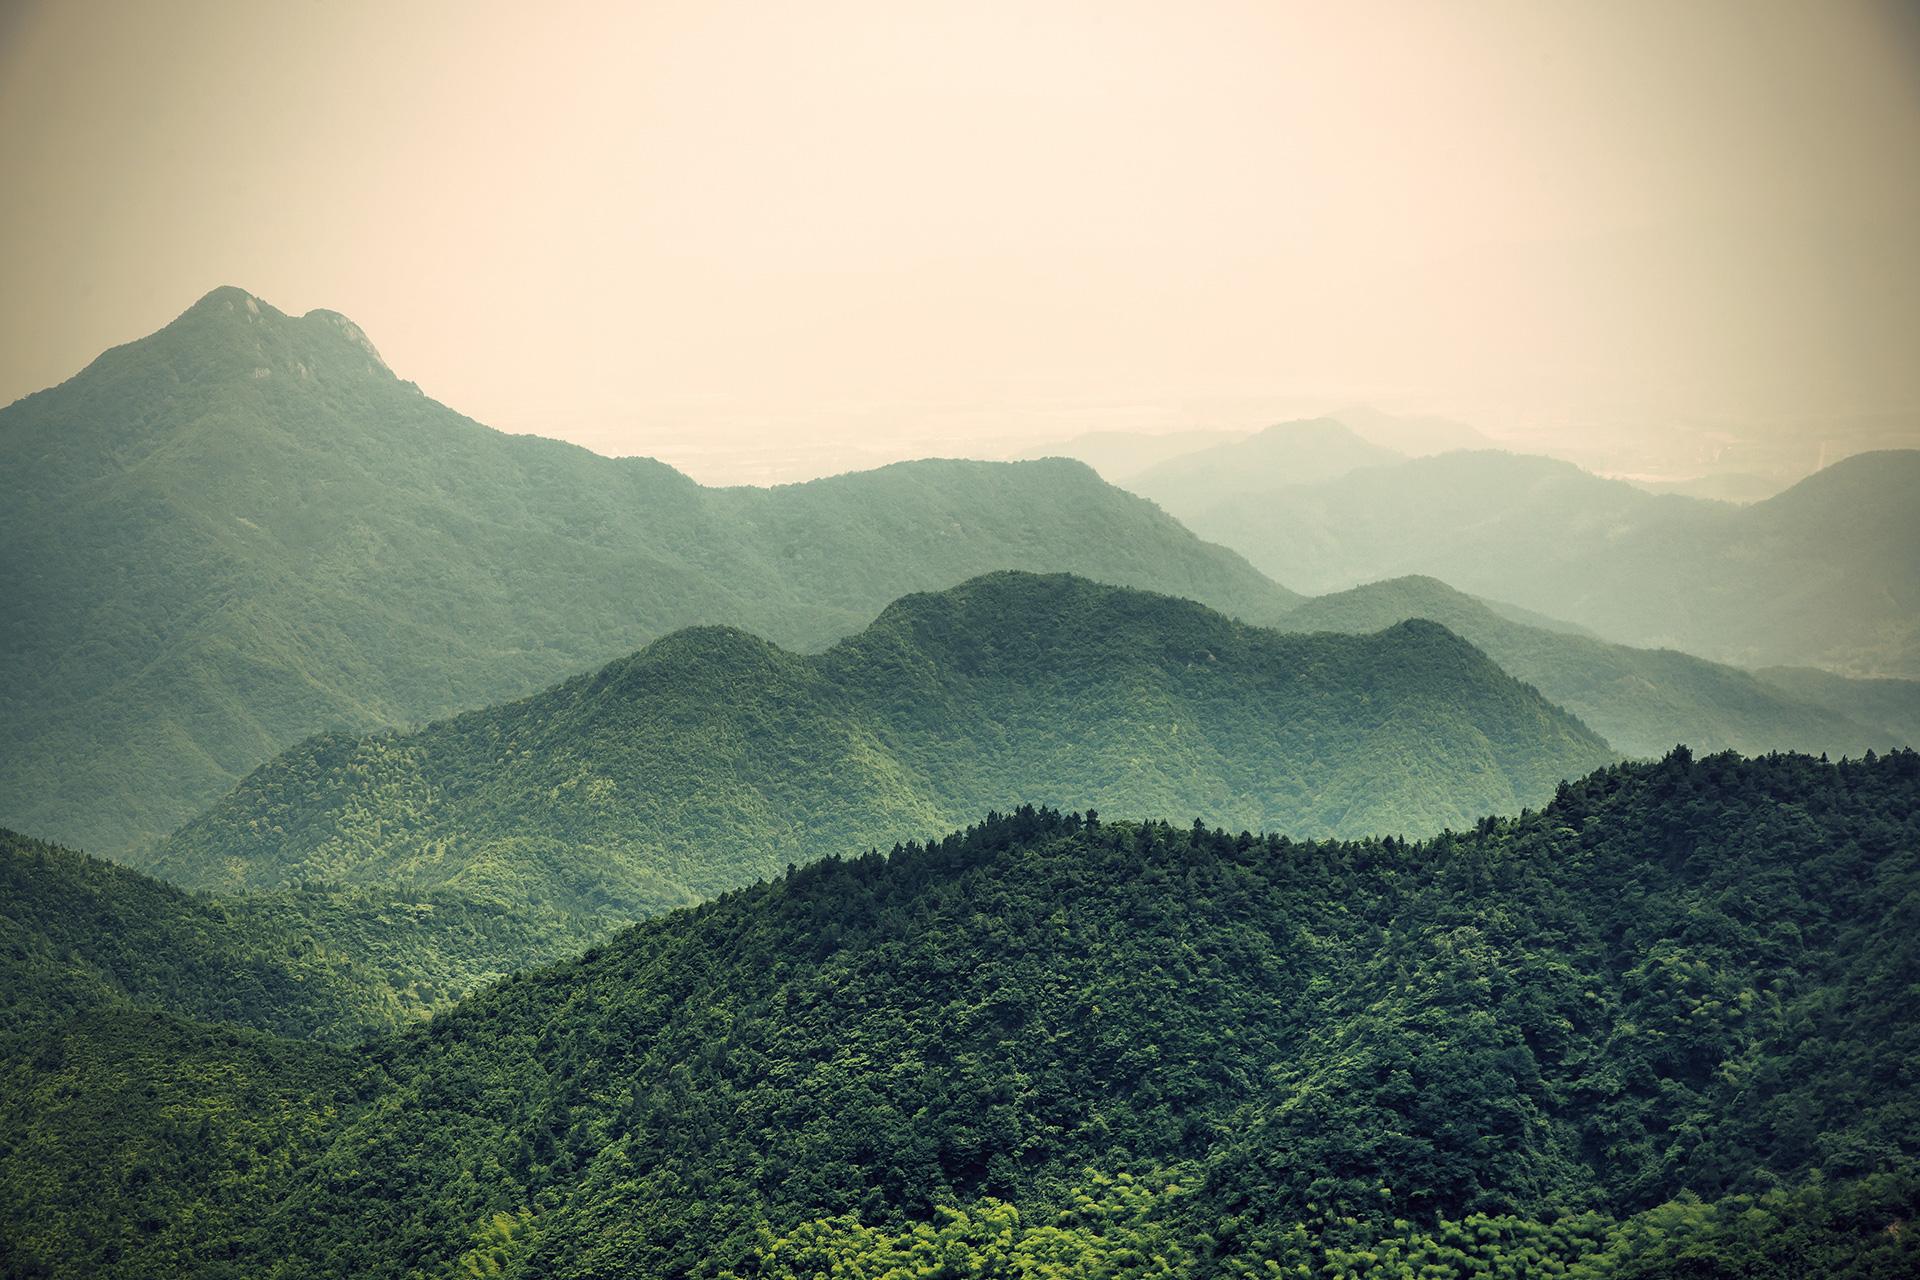 Et bjerg